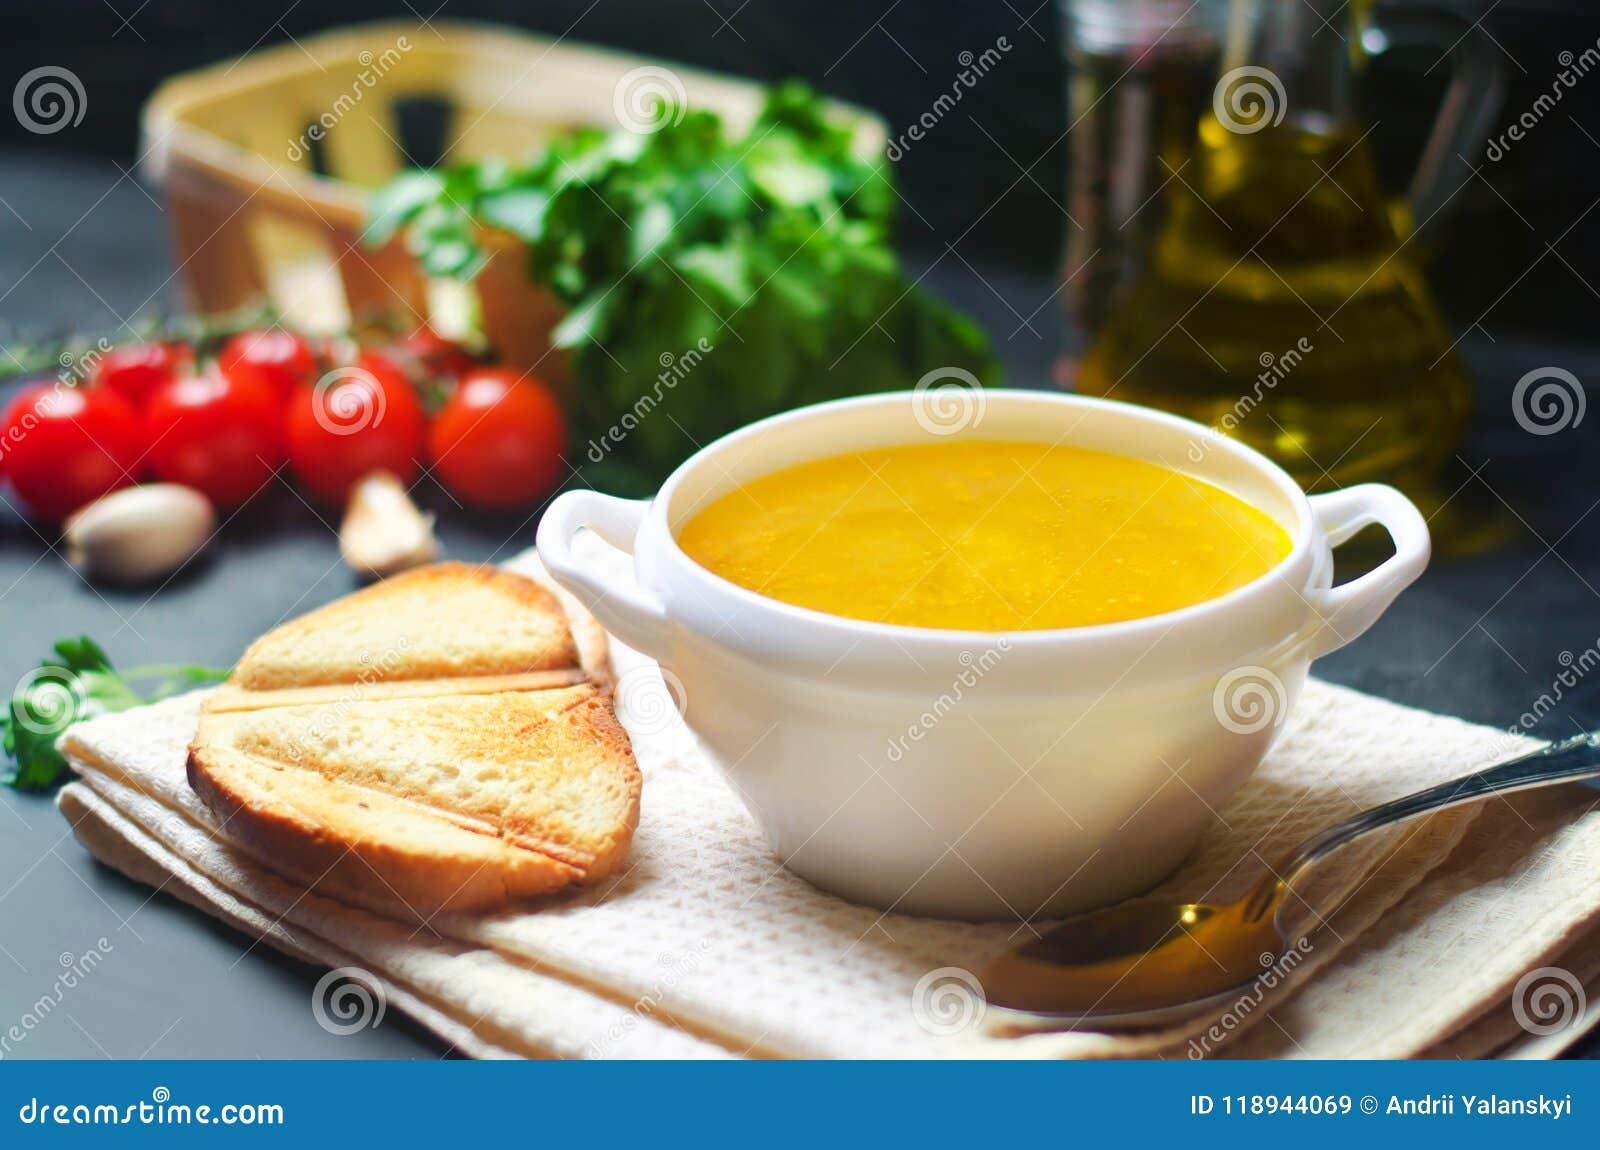 Σπιτικός σούπα ή ζωμός κοτόπουλου υγιές μαύρο συγκεκριμένο υπόβαθρο προγευμάτων Εκλεκτική εστίαση